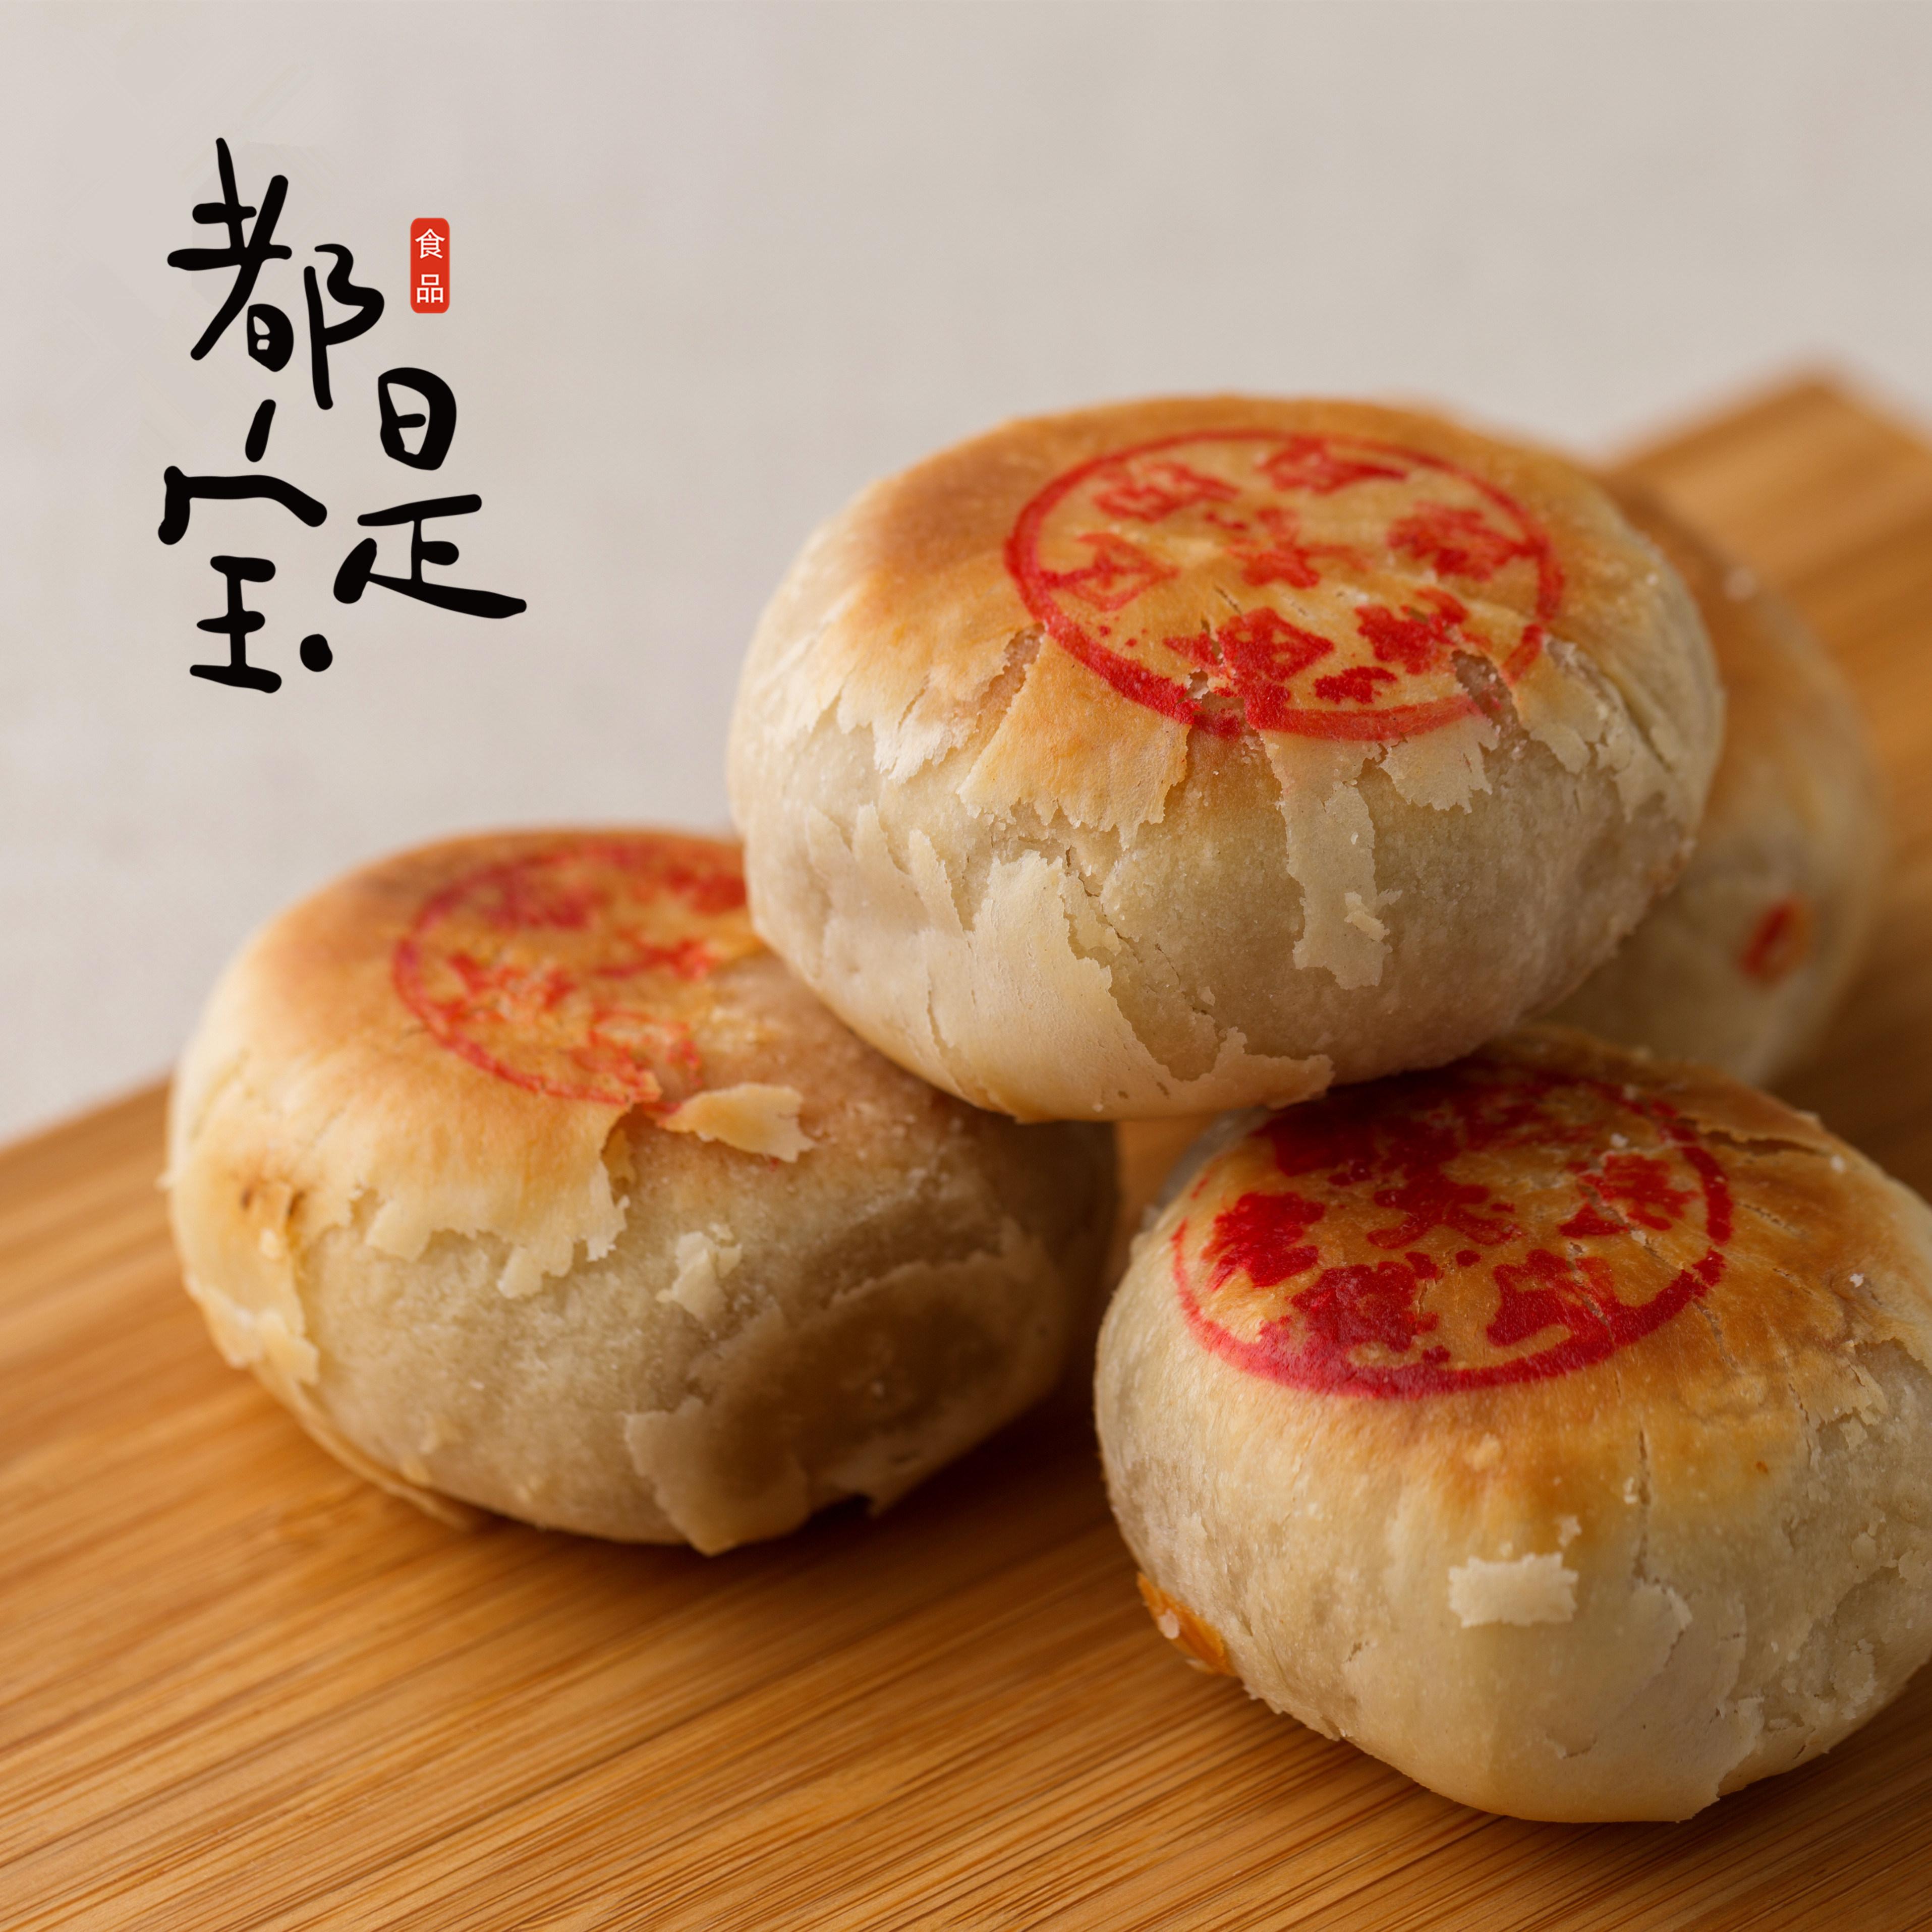 上海特产鲜肉月饼西区老大房12枚当天现烤真空老字号礼盒包顺丰